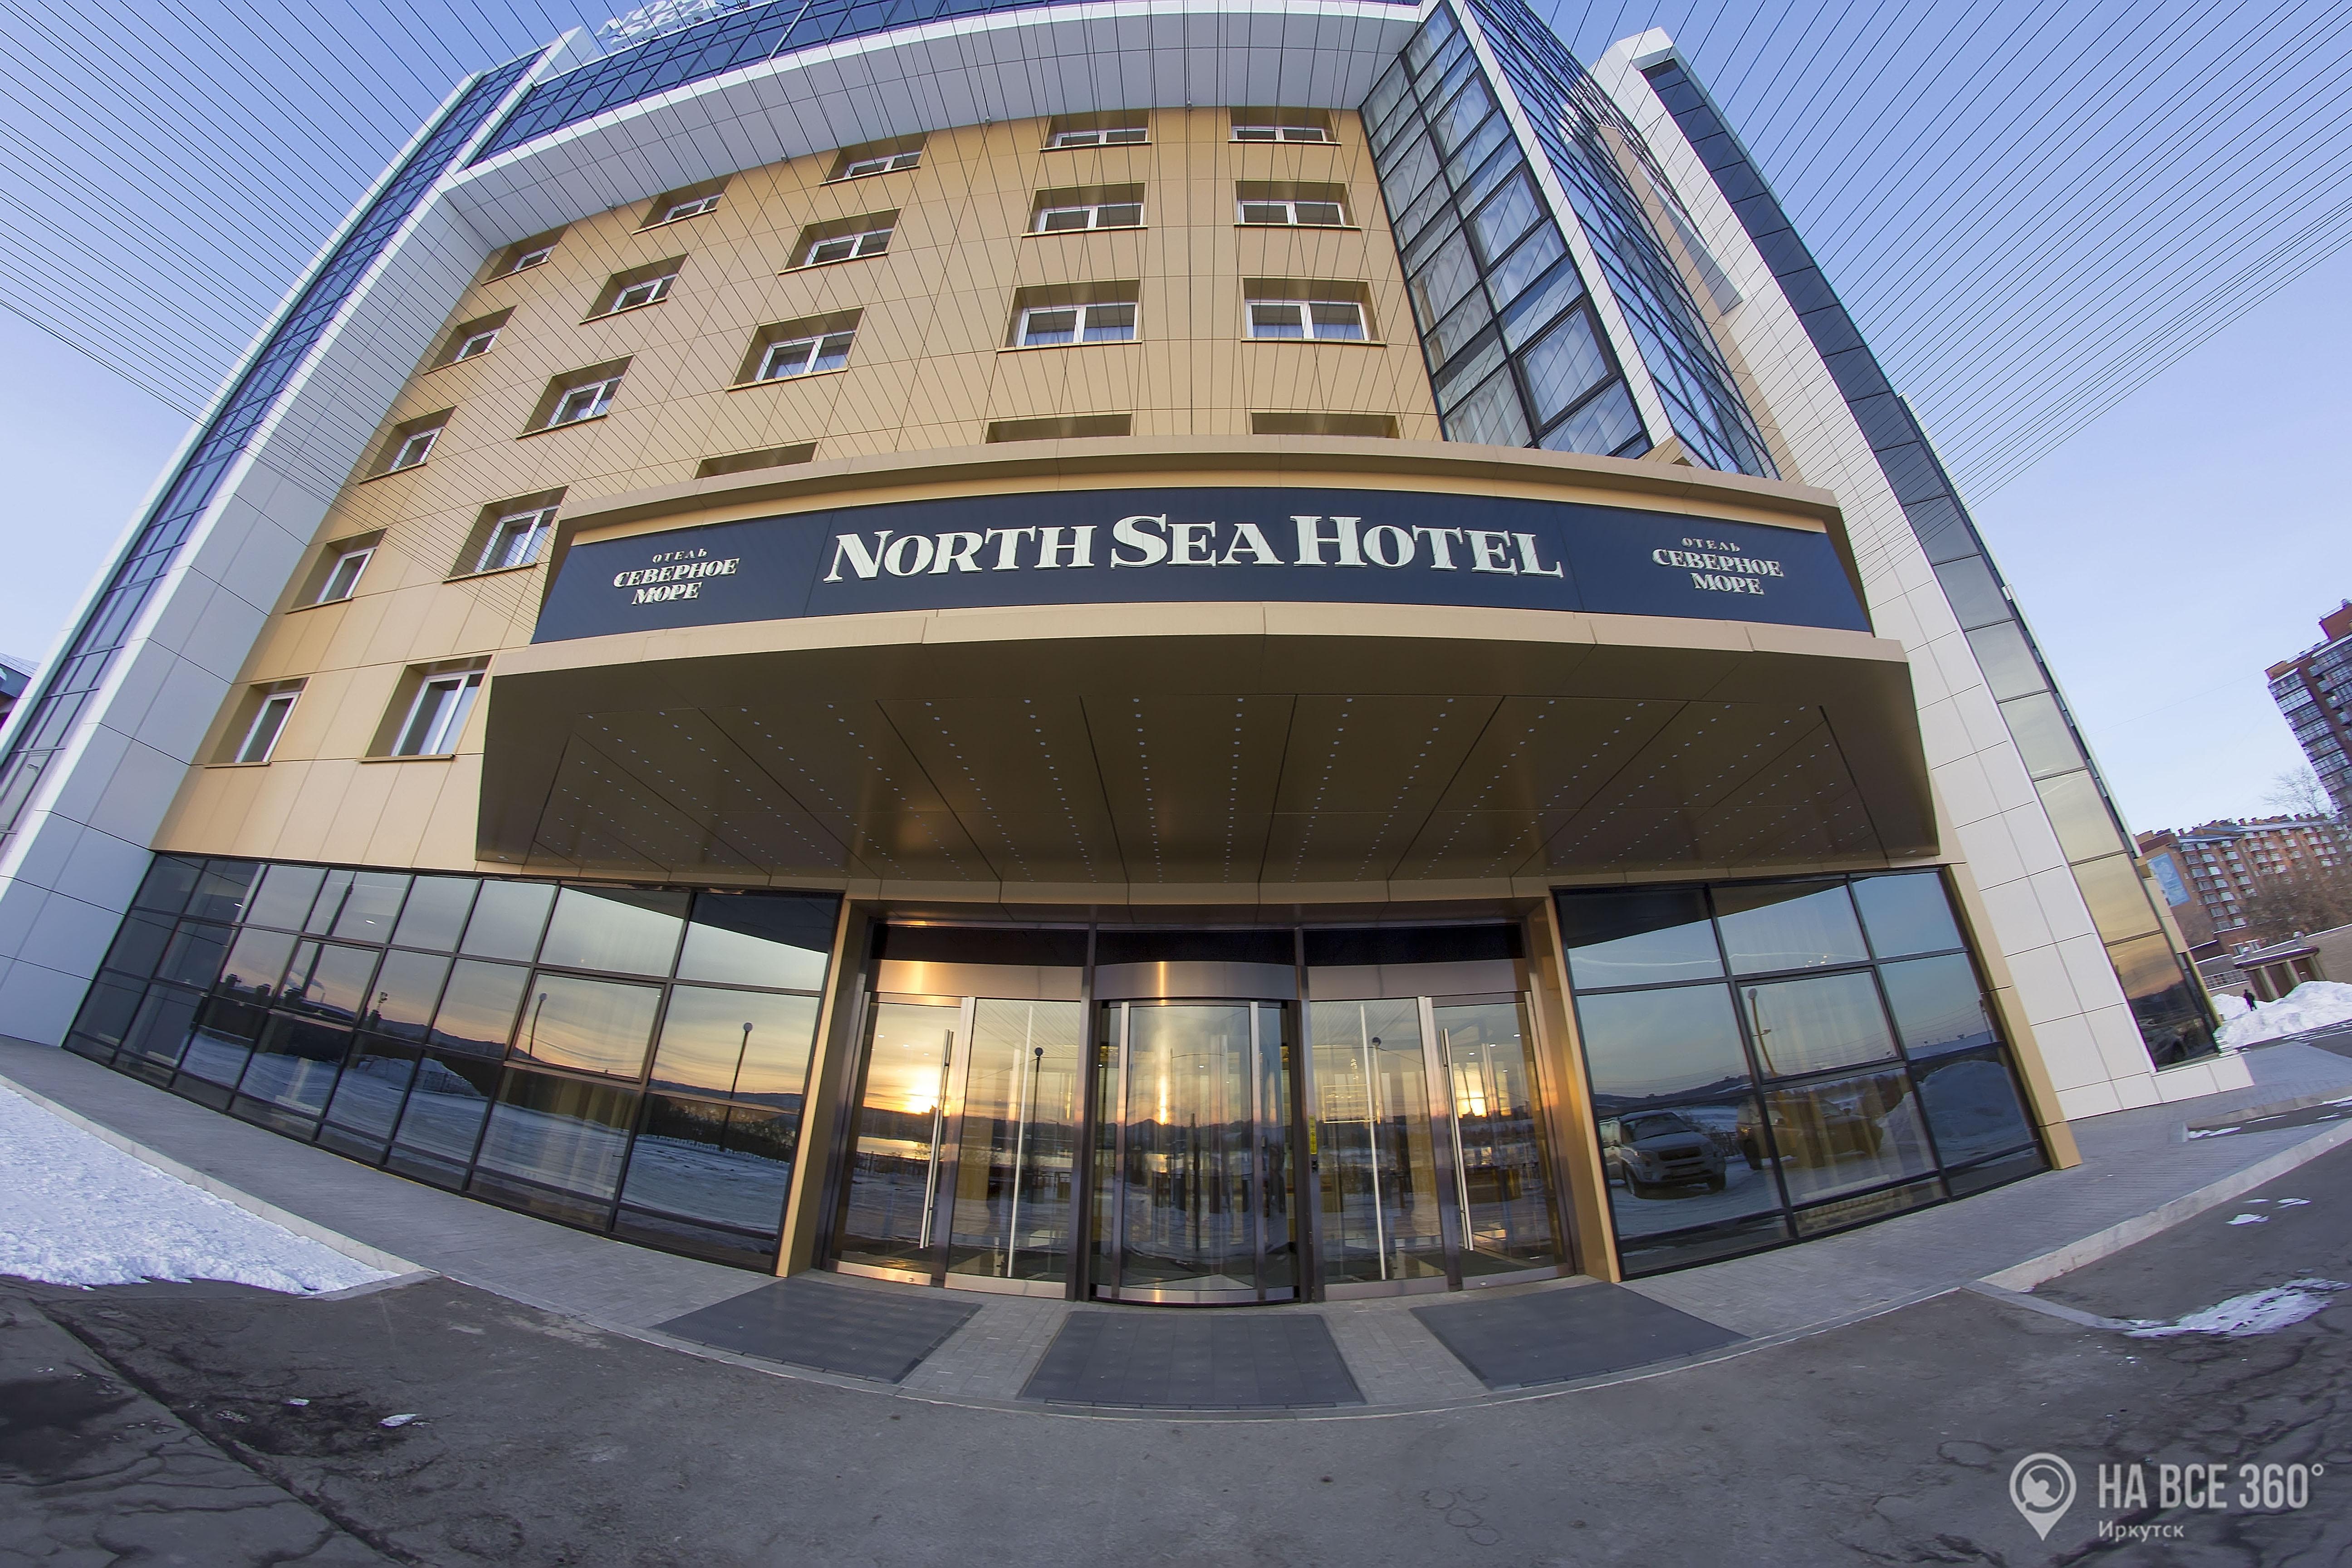 Hotel Noth sea